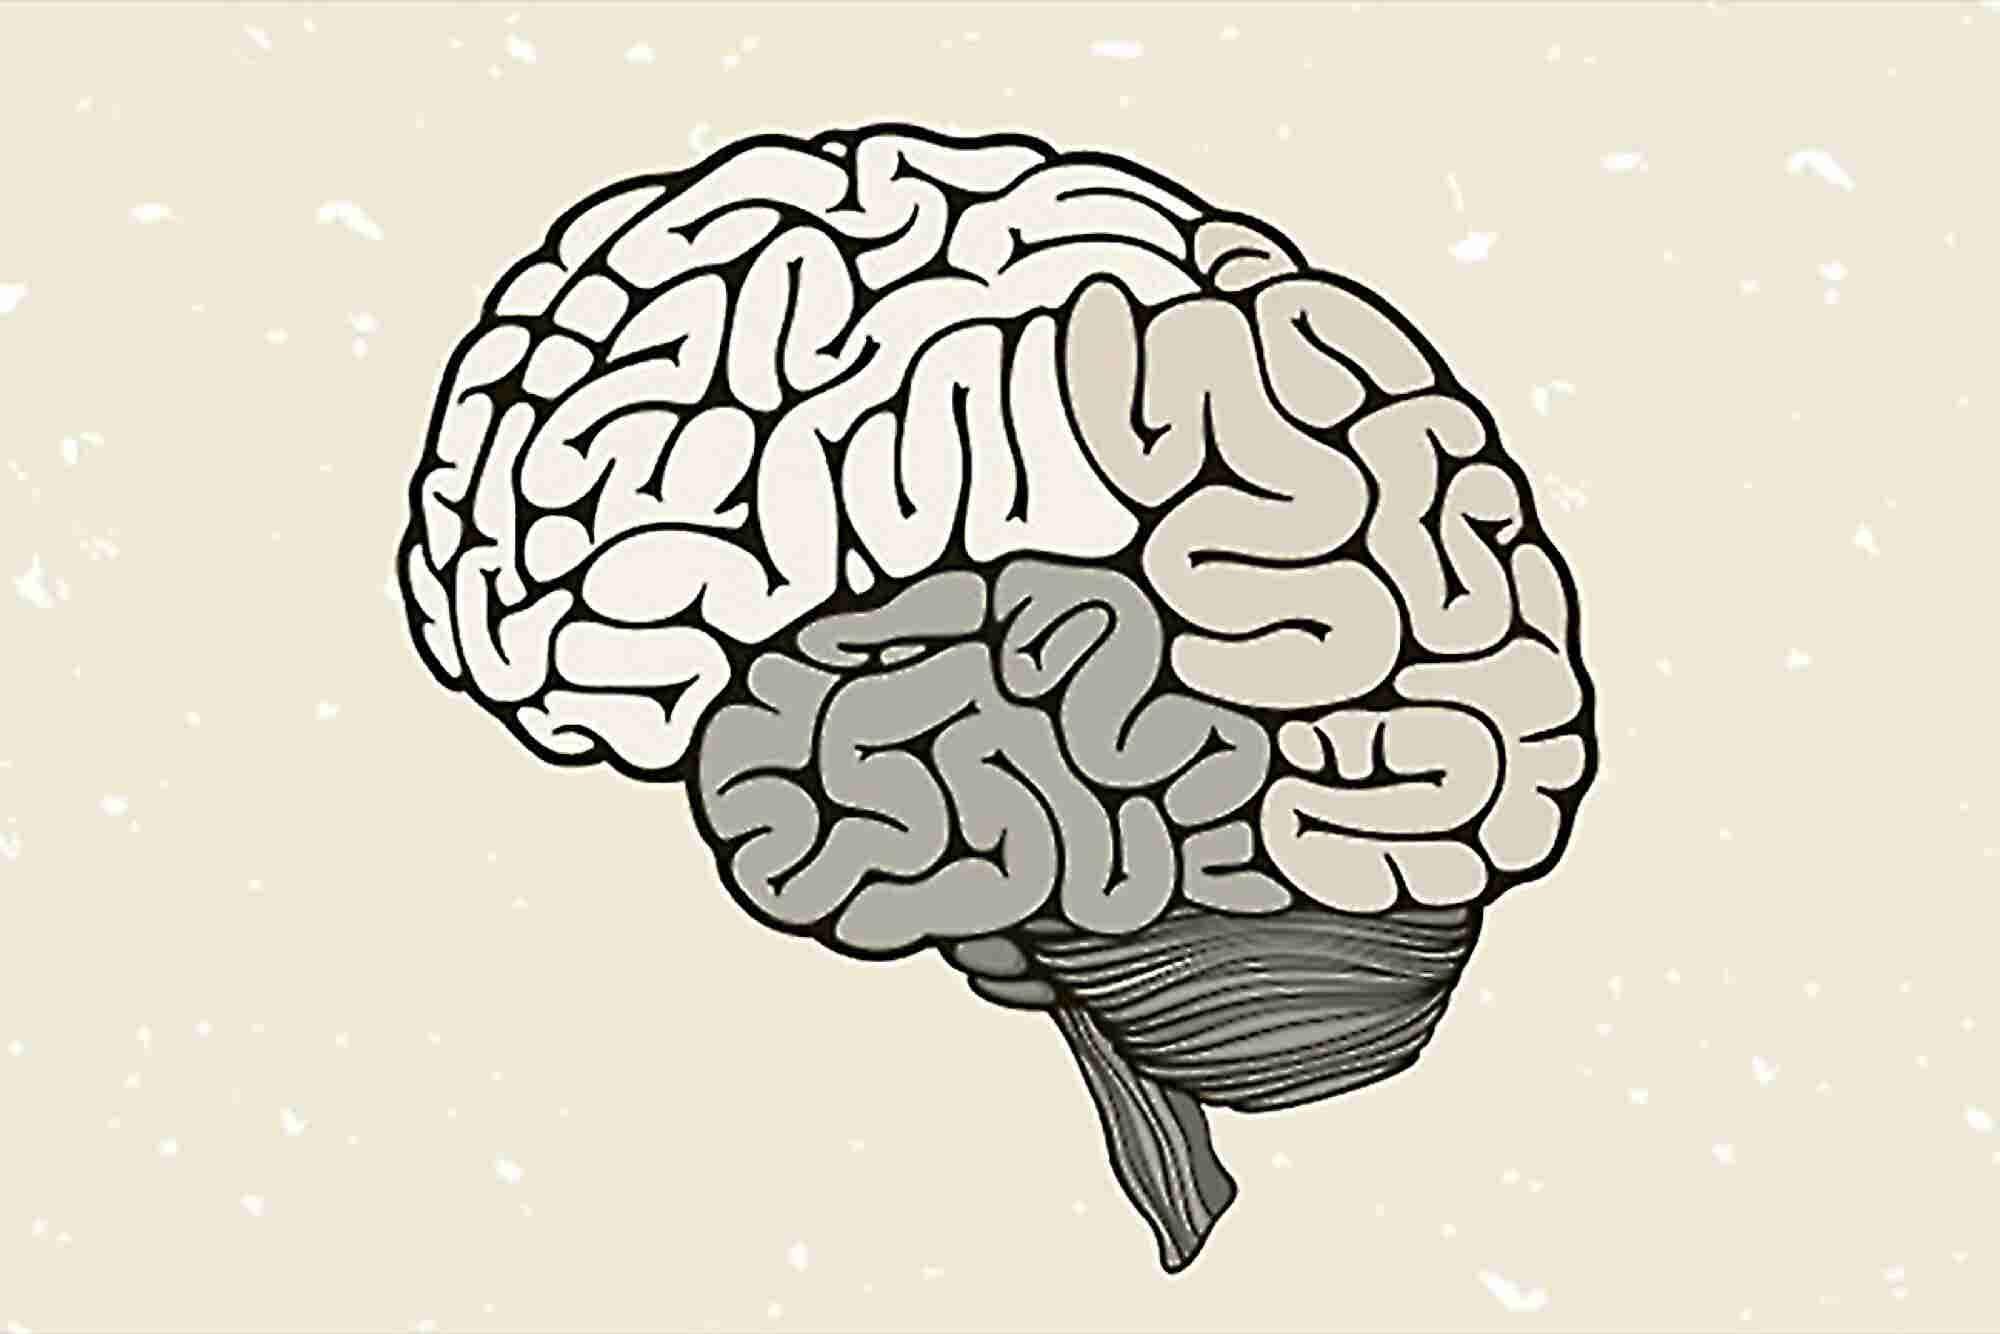 Discovering of Brain's GPS Takes Home Nobel Prize in Medicine